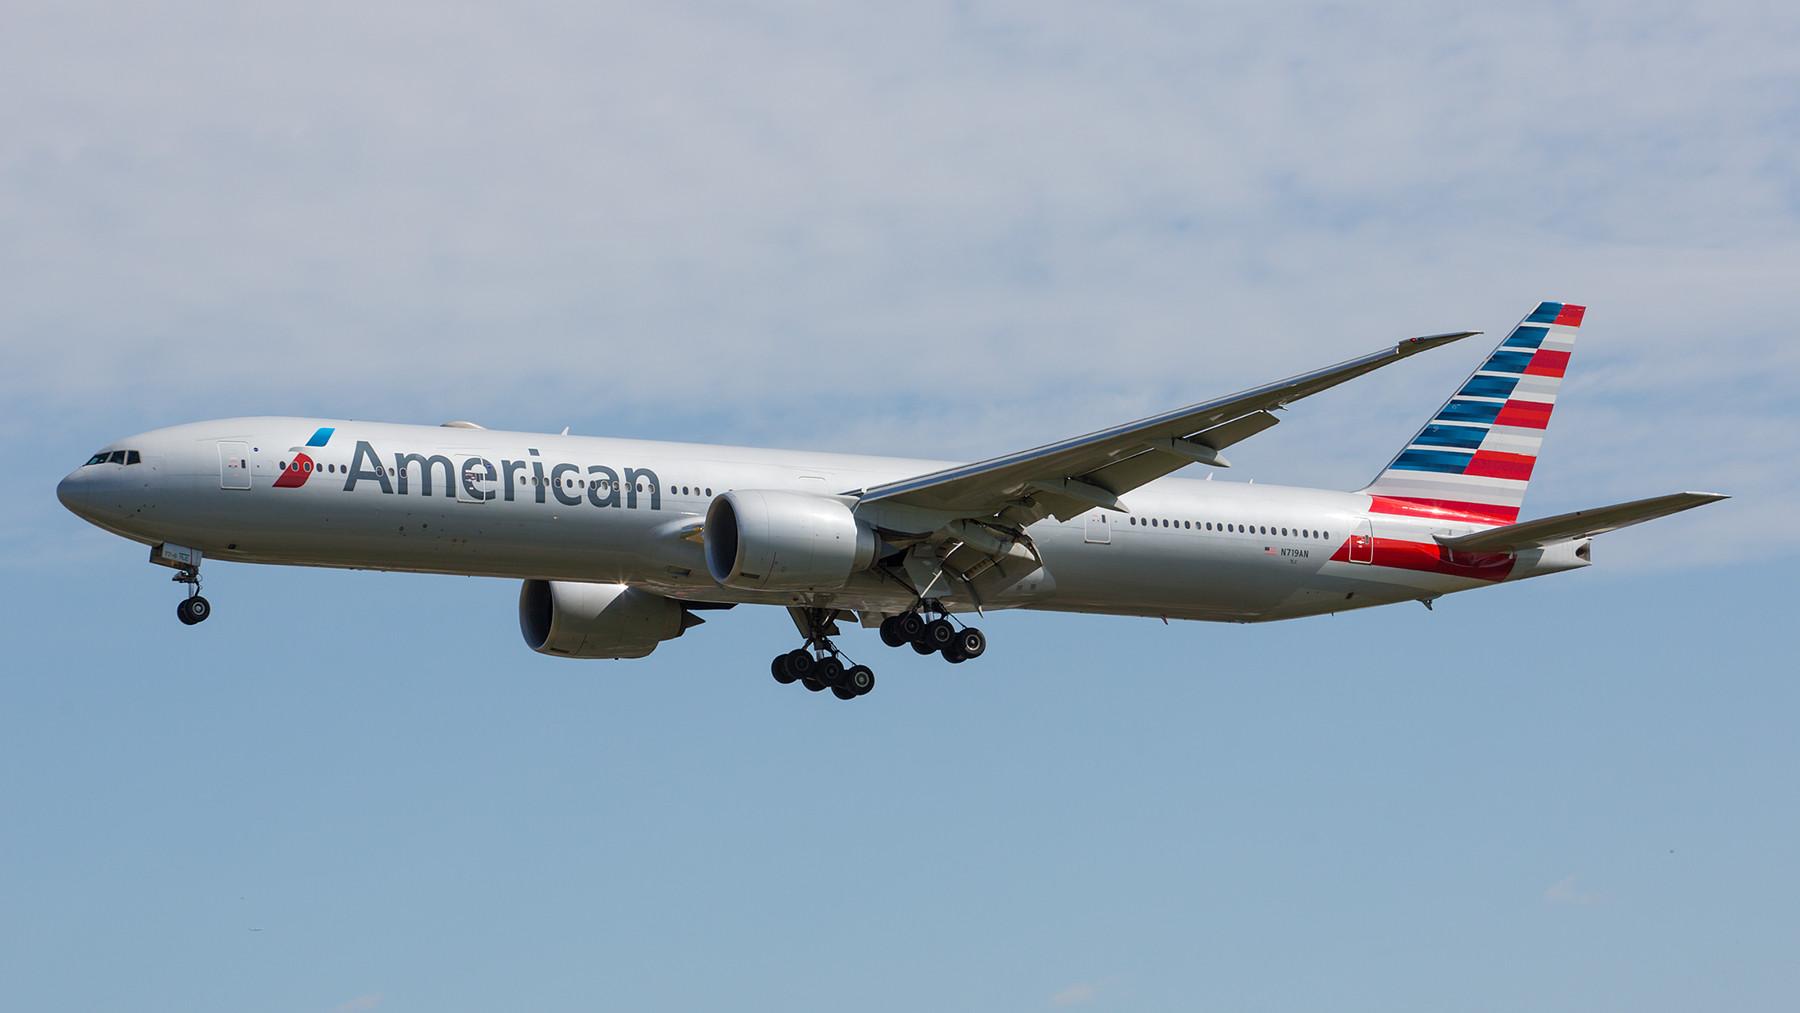 American Airlines ist mit rund 20 täglichen Flügen in LHR zu sehen.